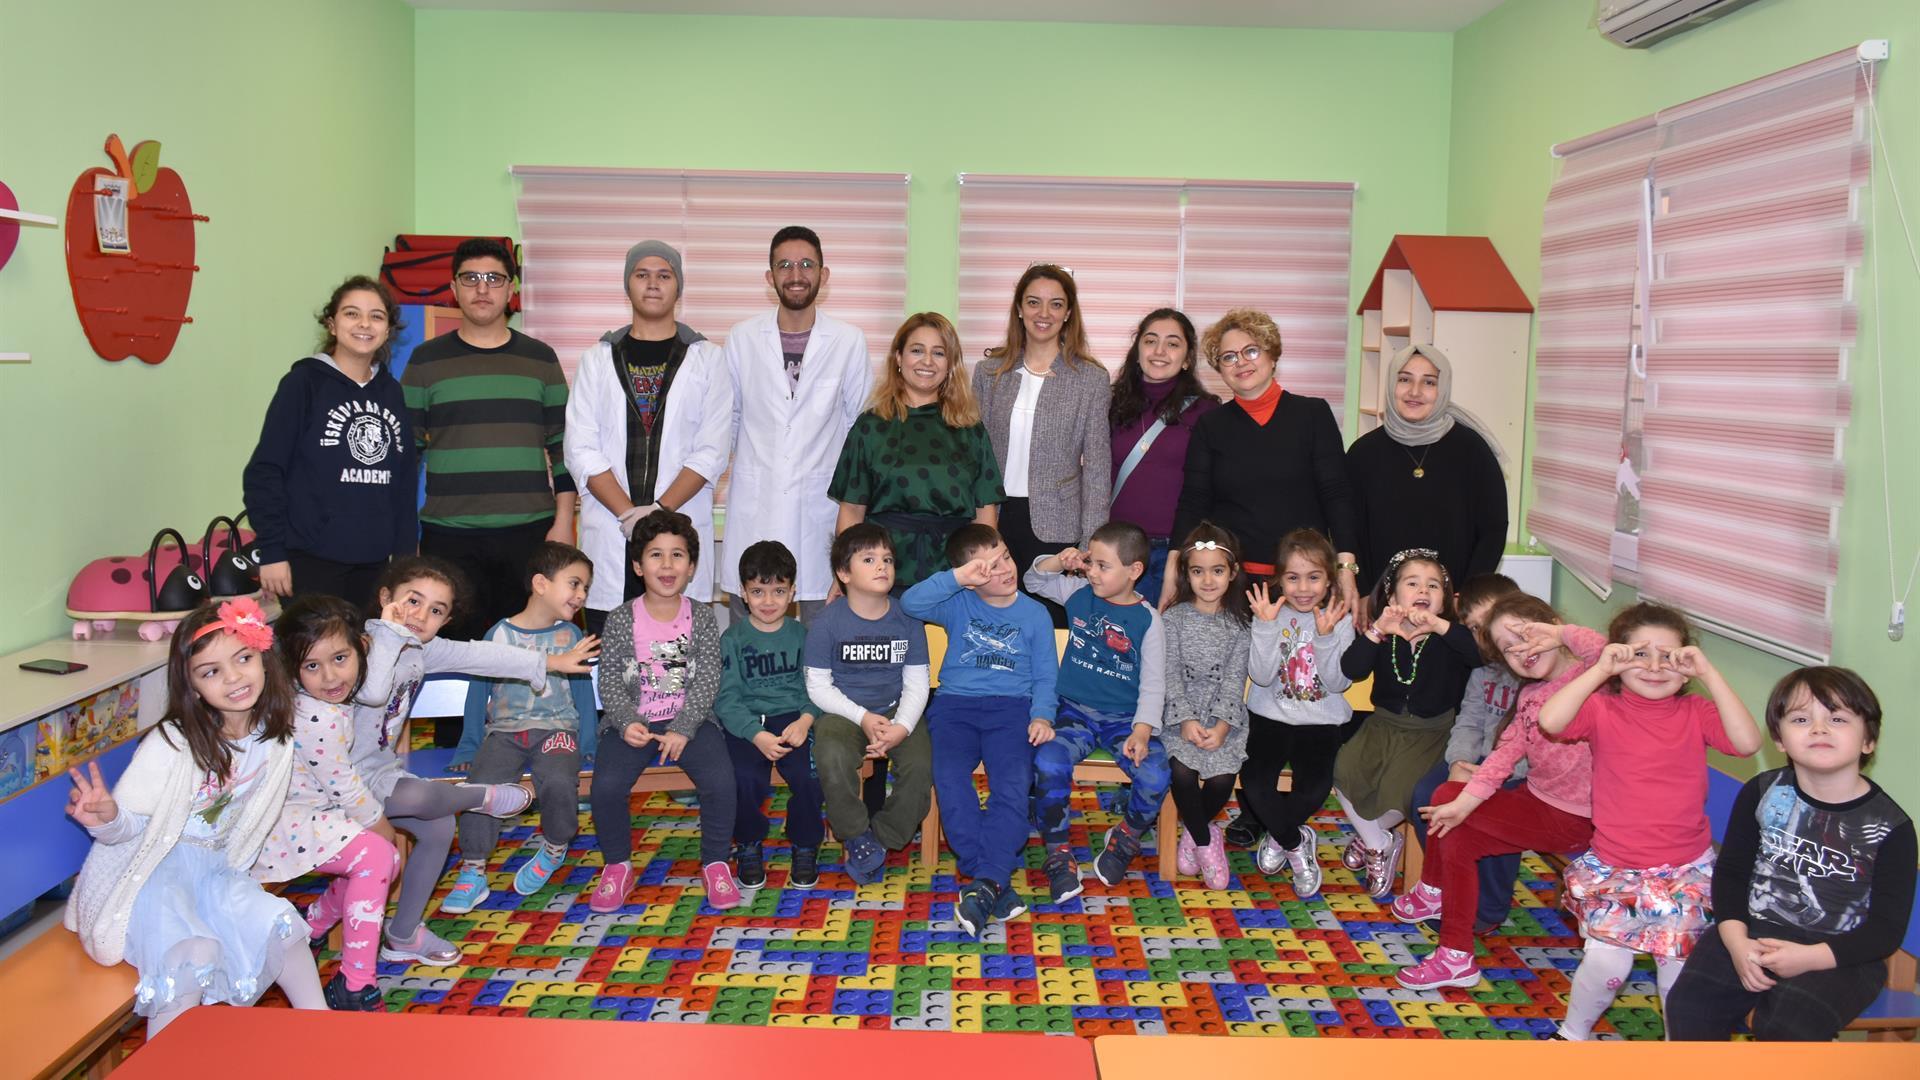 İstanbul-Üniversitesi-Cerrahpaşa-Kreş-ve-Anaokulu'nda-Bilimsel-Etkinlikler-Gerçekleştirildi